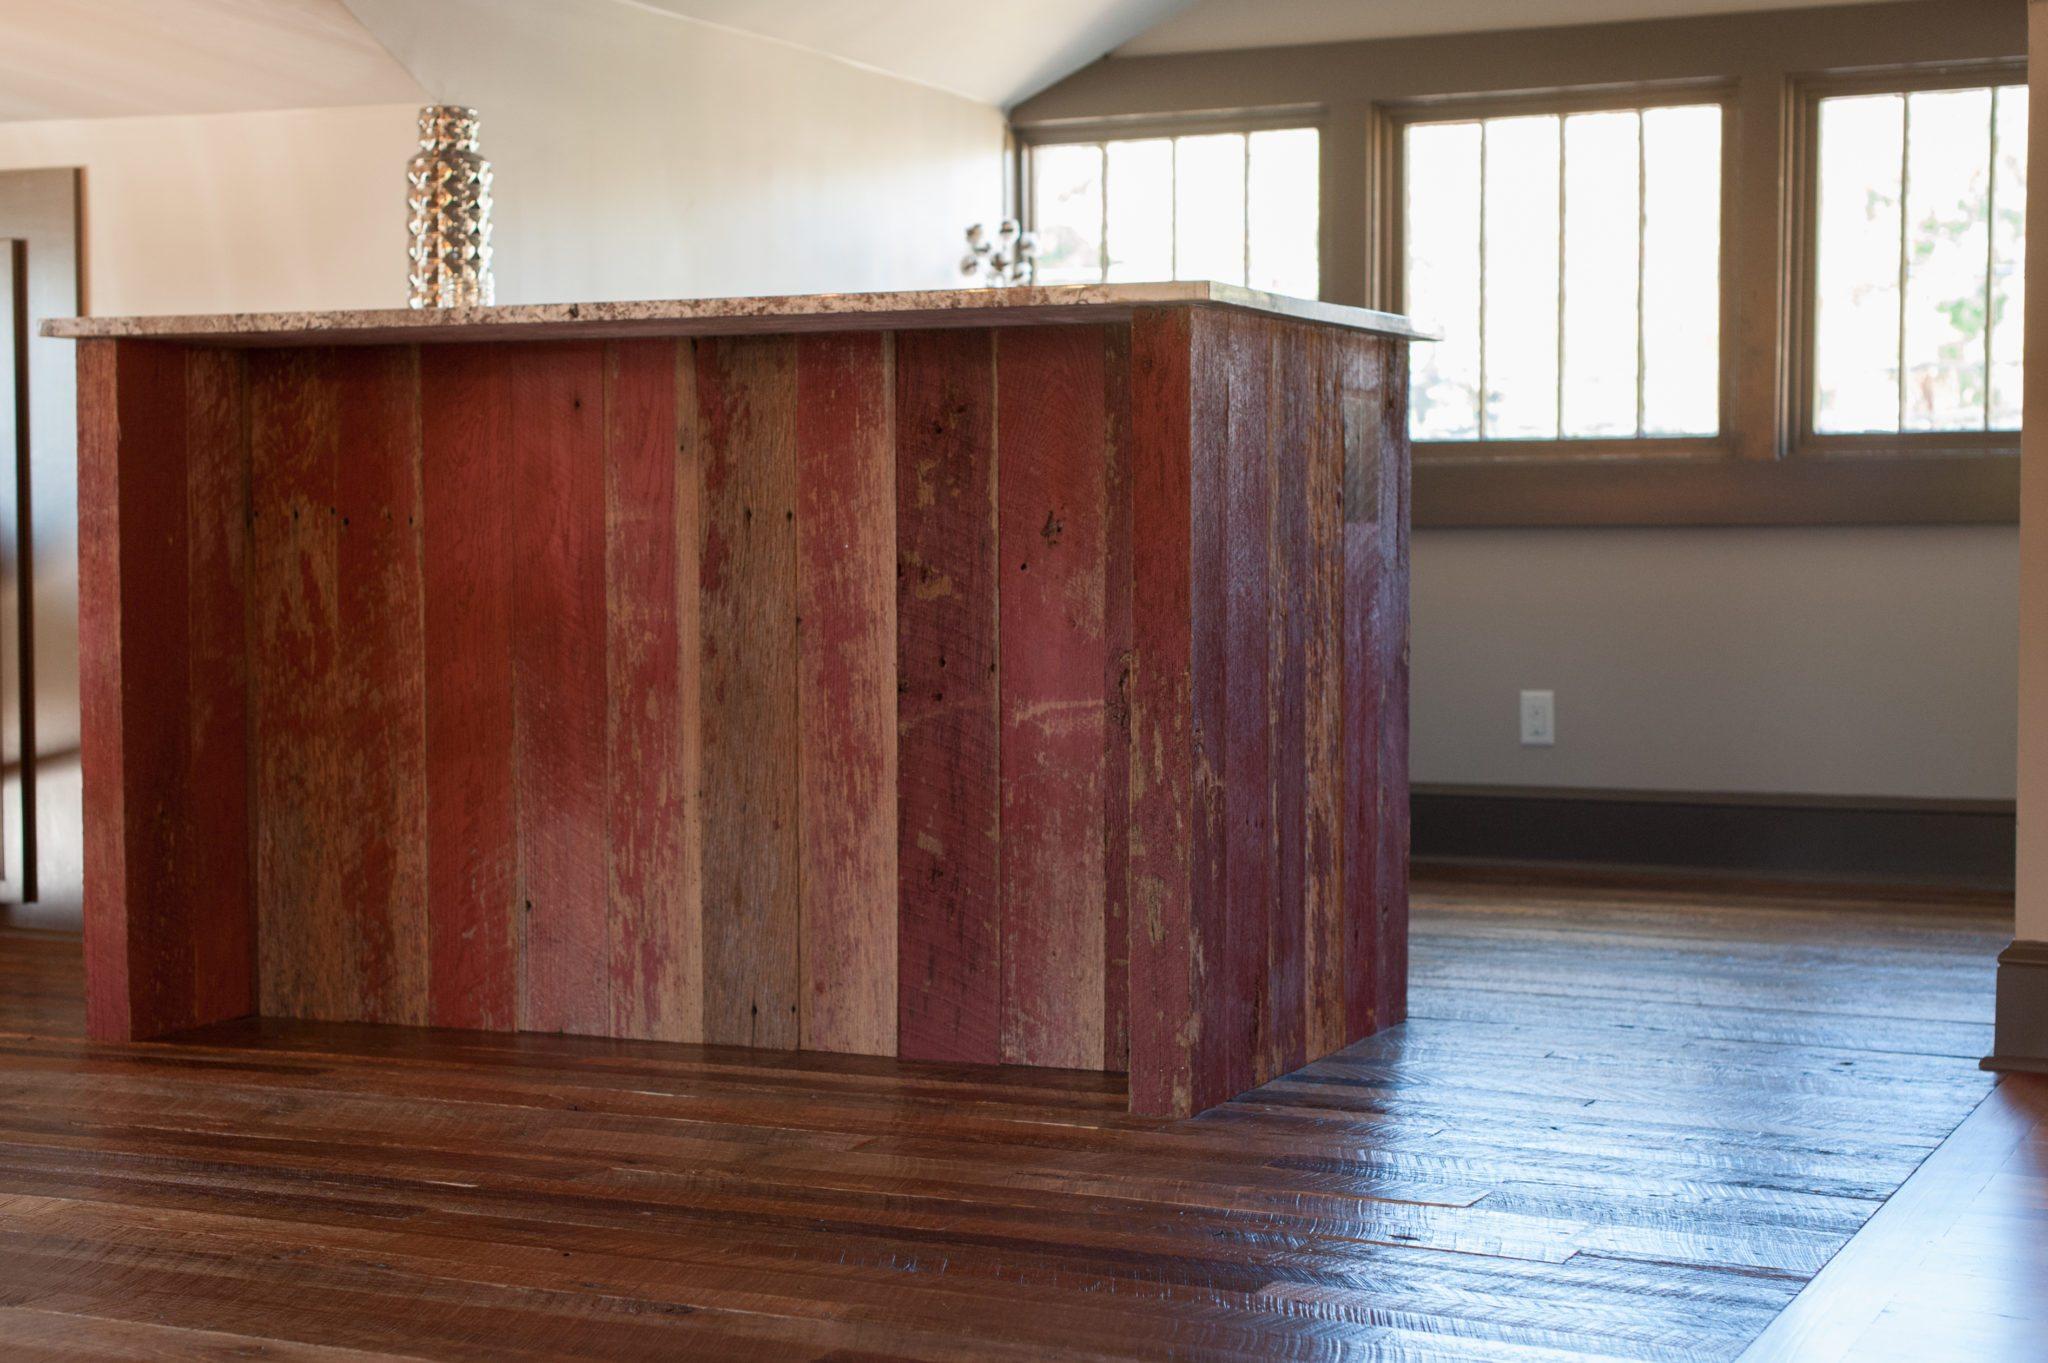 Barn Plank Flooring & Red Barnsiding Planking